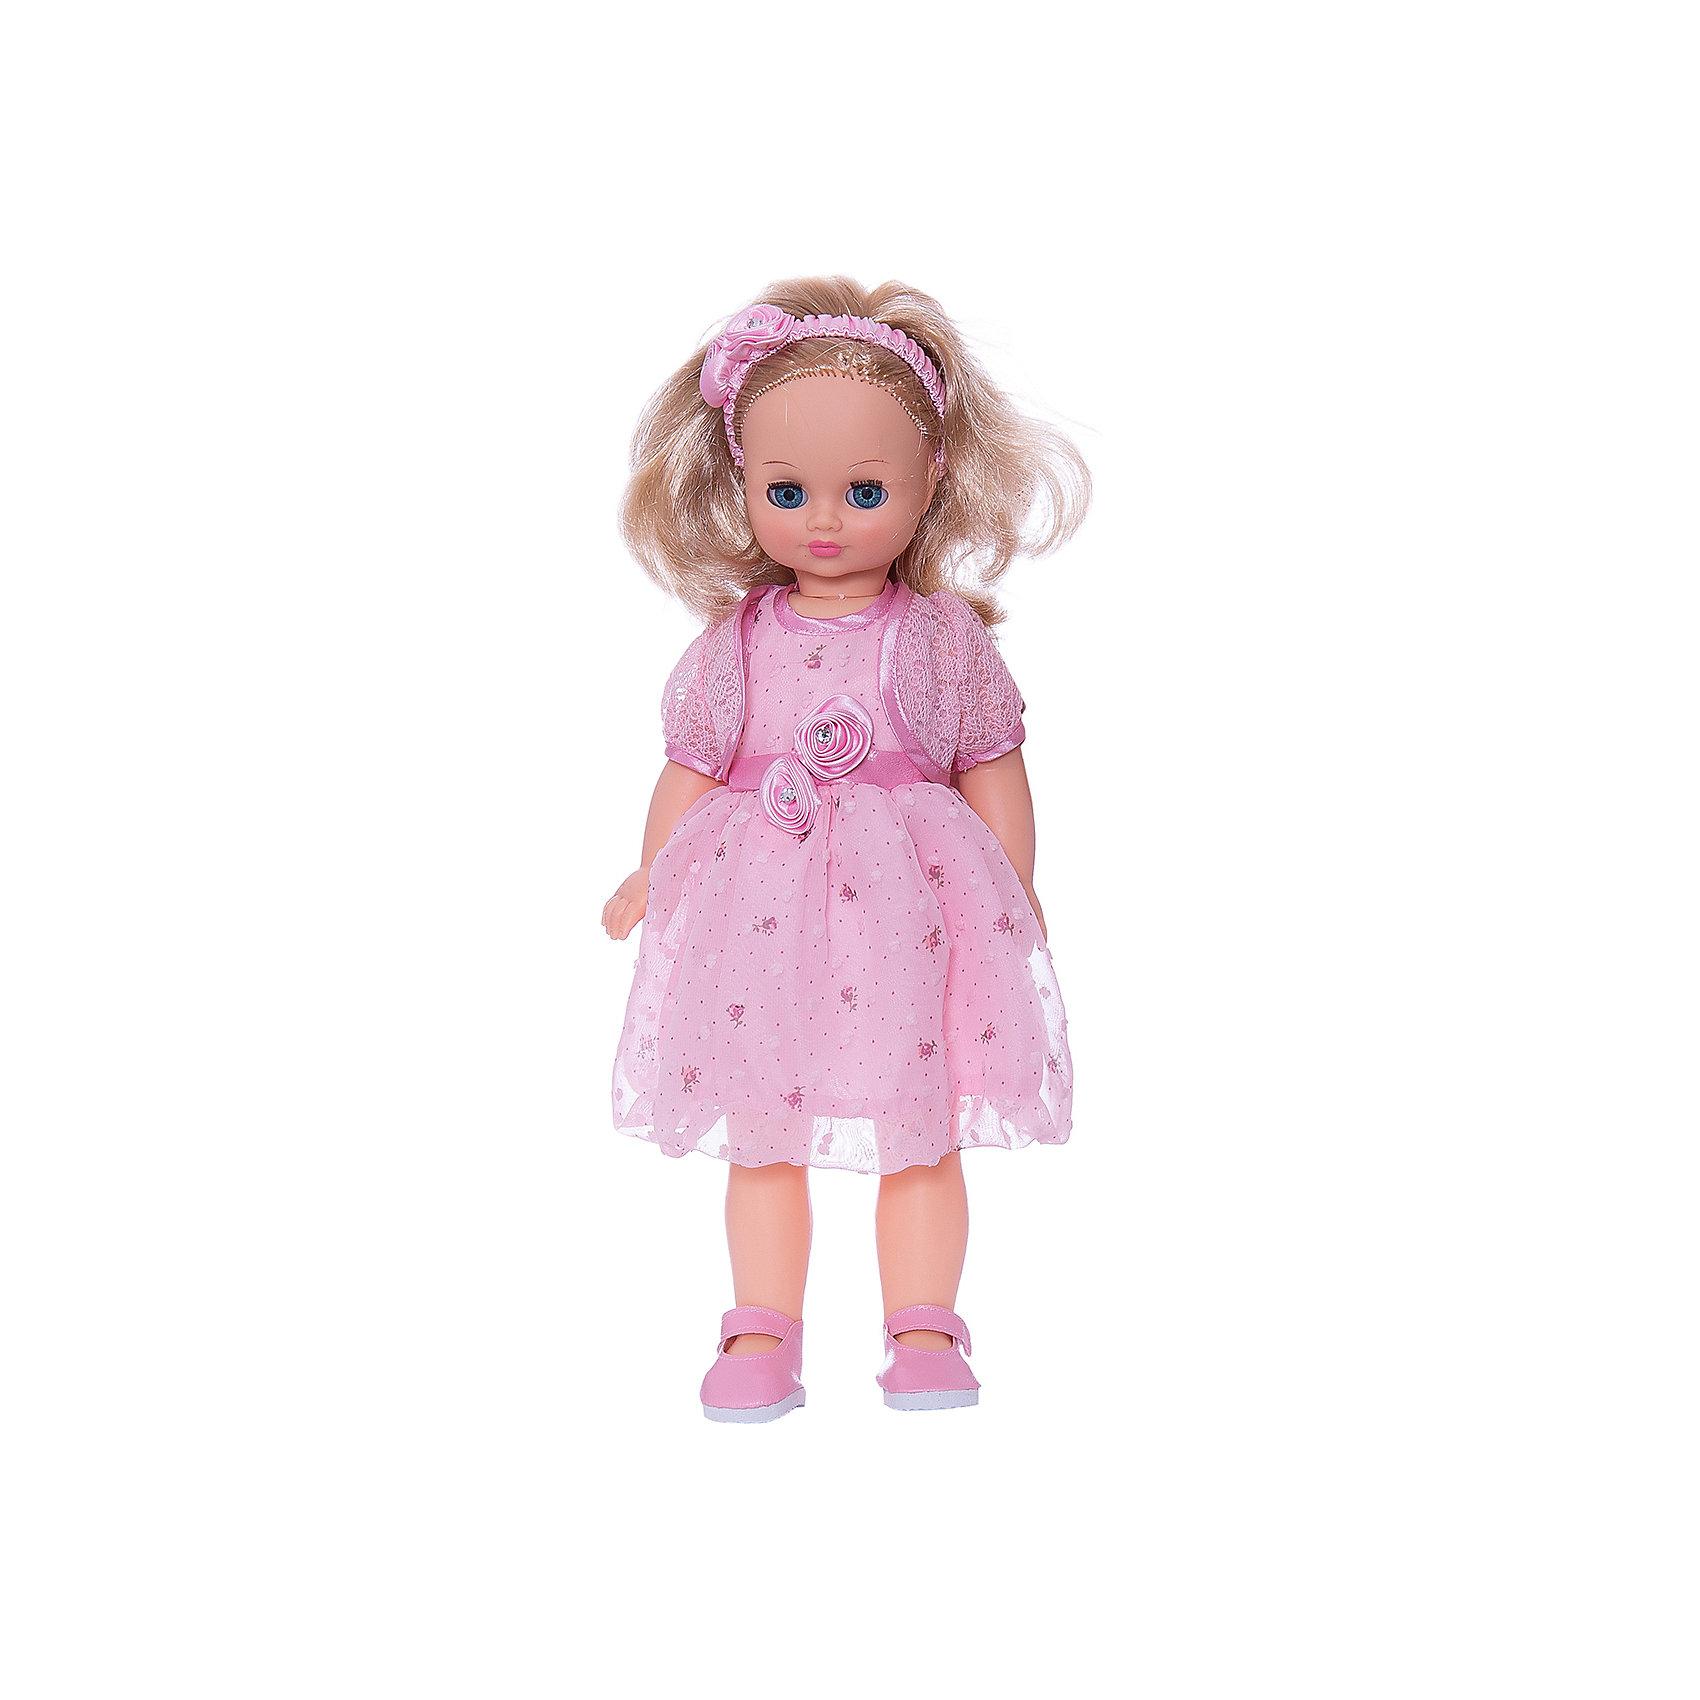 Весна Кукла Лиза 23, со звуком, Весна кукла весна 35 см